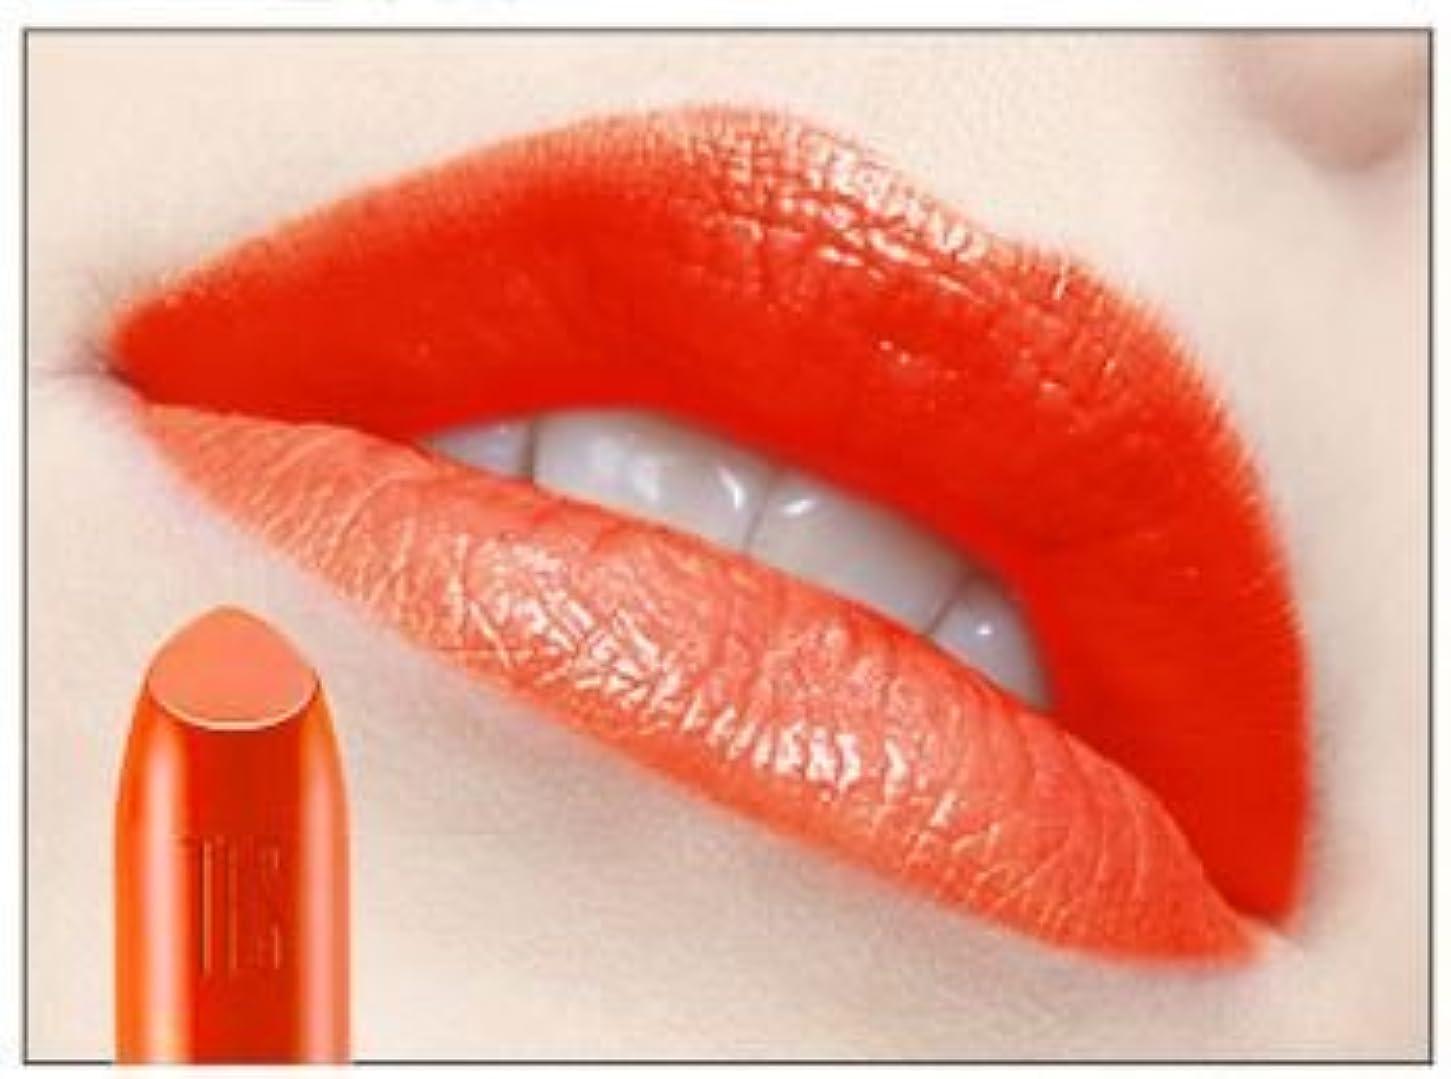 戸惑う蓋多数の[New] THE FACE SHOP Moisture Touch Lipstick 3.4g/ザフェイスショップ モイスチャー タッチ リップスティック 3.4g (#OR01 Orange Shower)